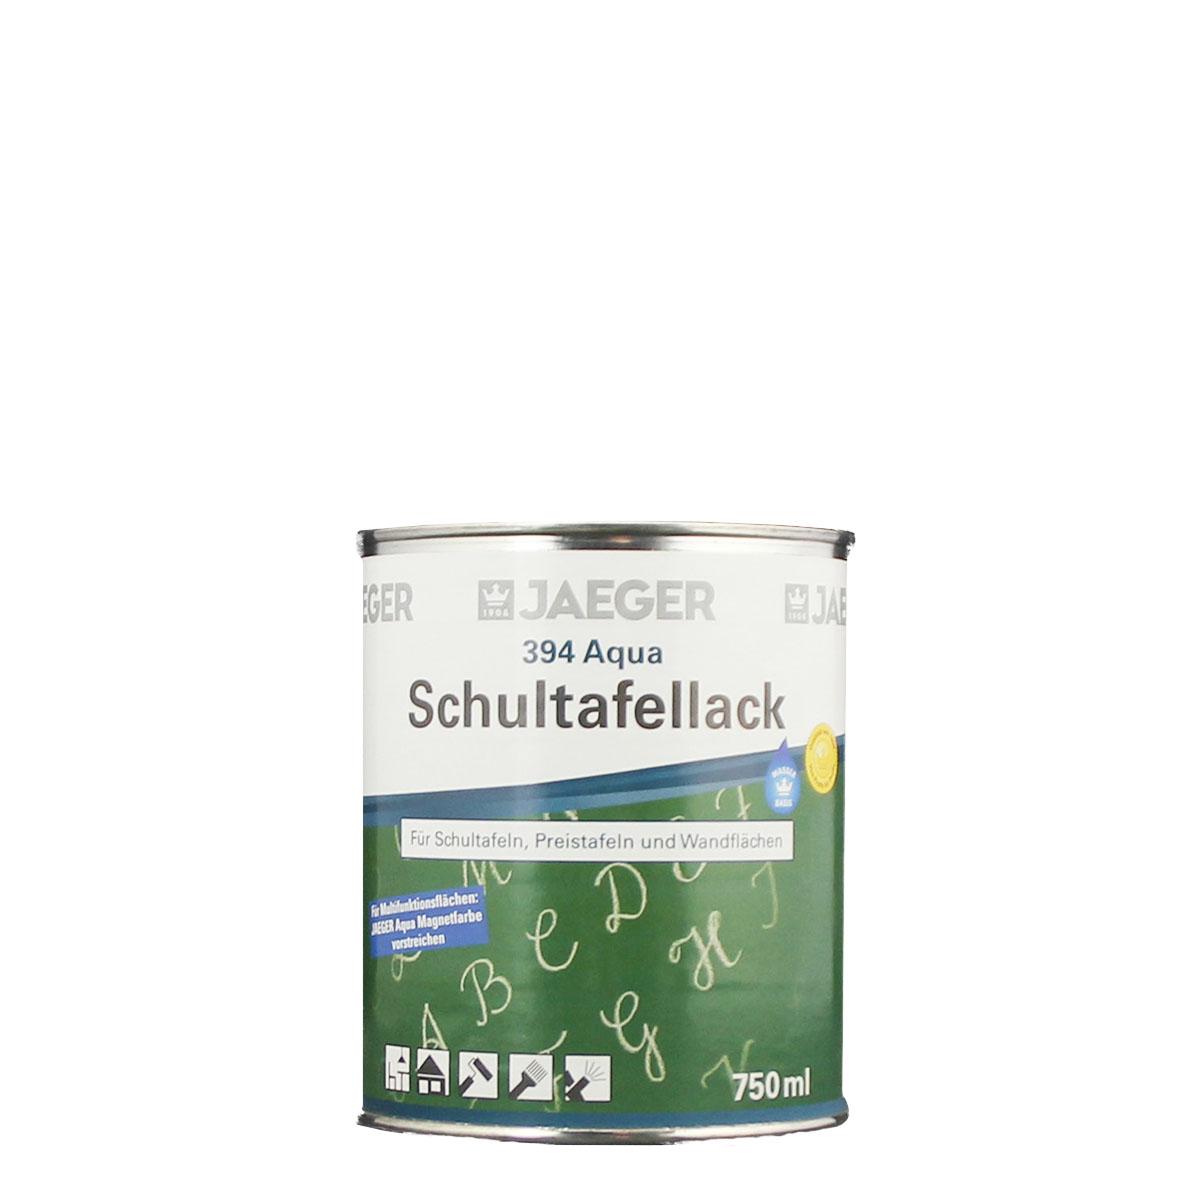 Jaeger Aqua Schultafellack394 750ml , Tischtennisplattenlack